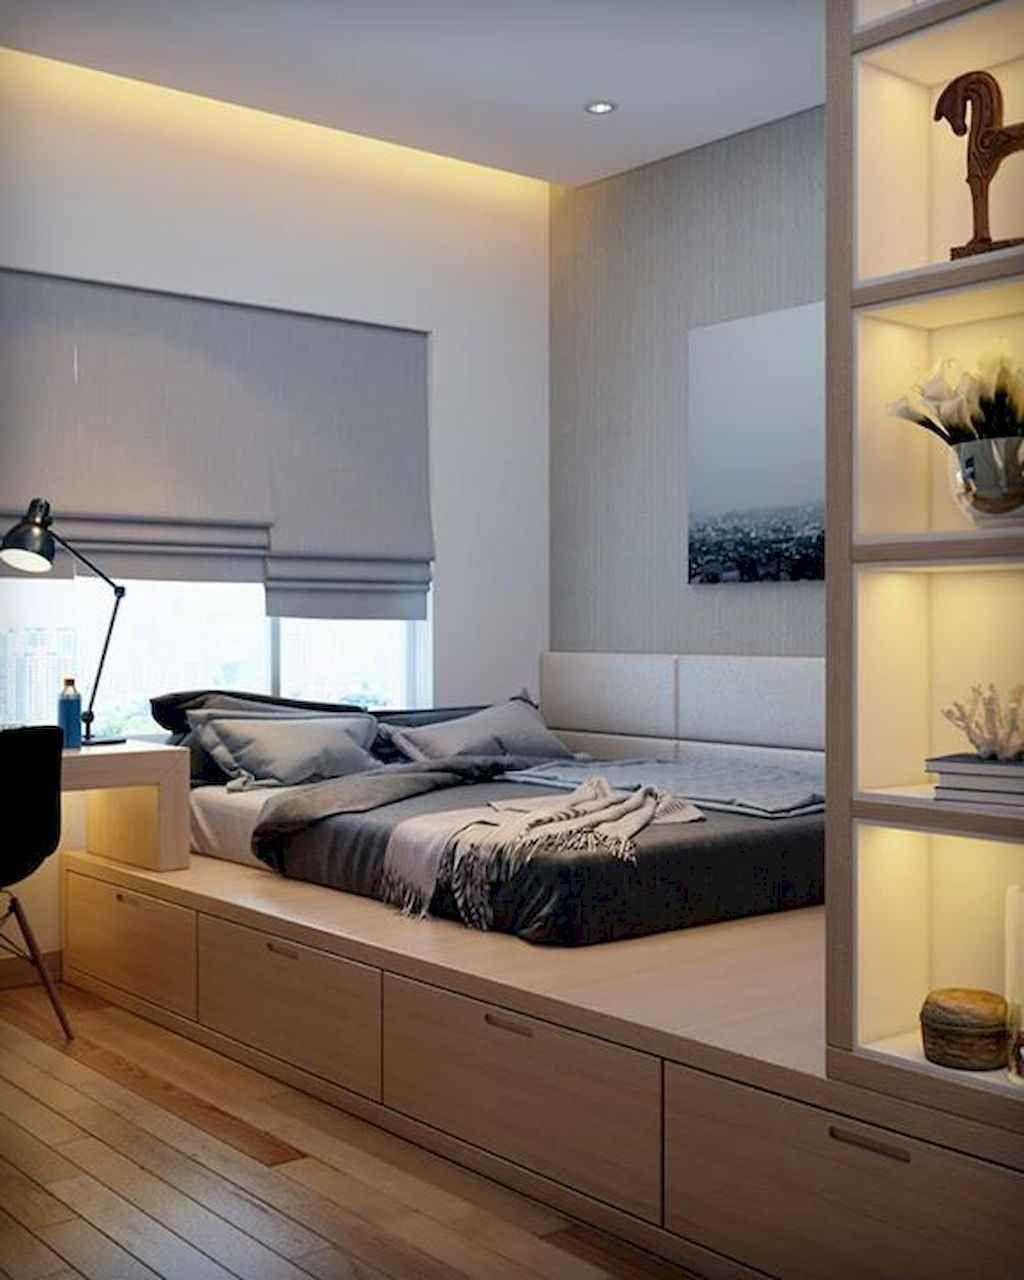 75 Affordable Apartment Bedroom Makeover Decor Ideas Di 2020 Interior Desain Interior Desain Rumah